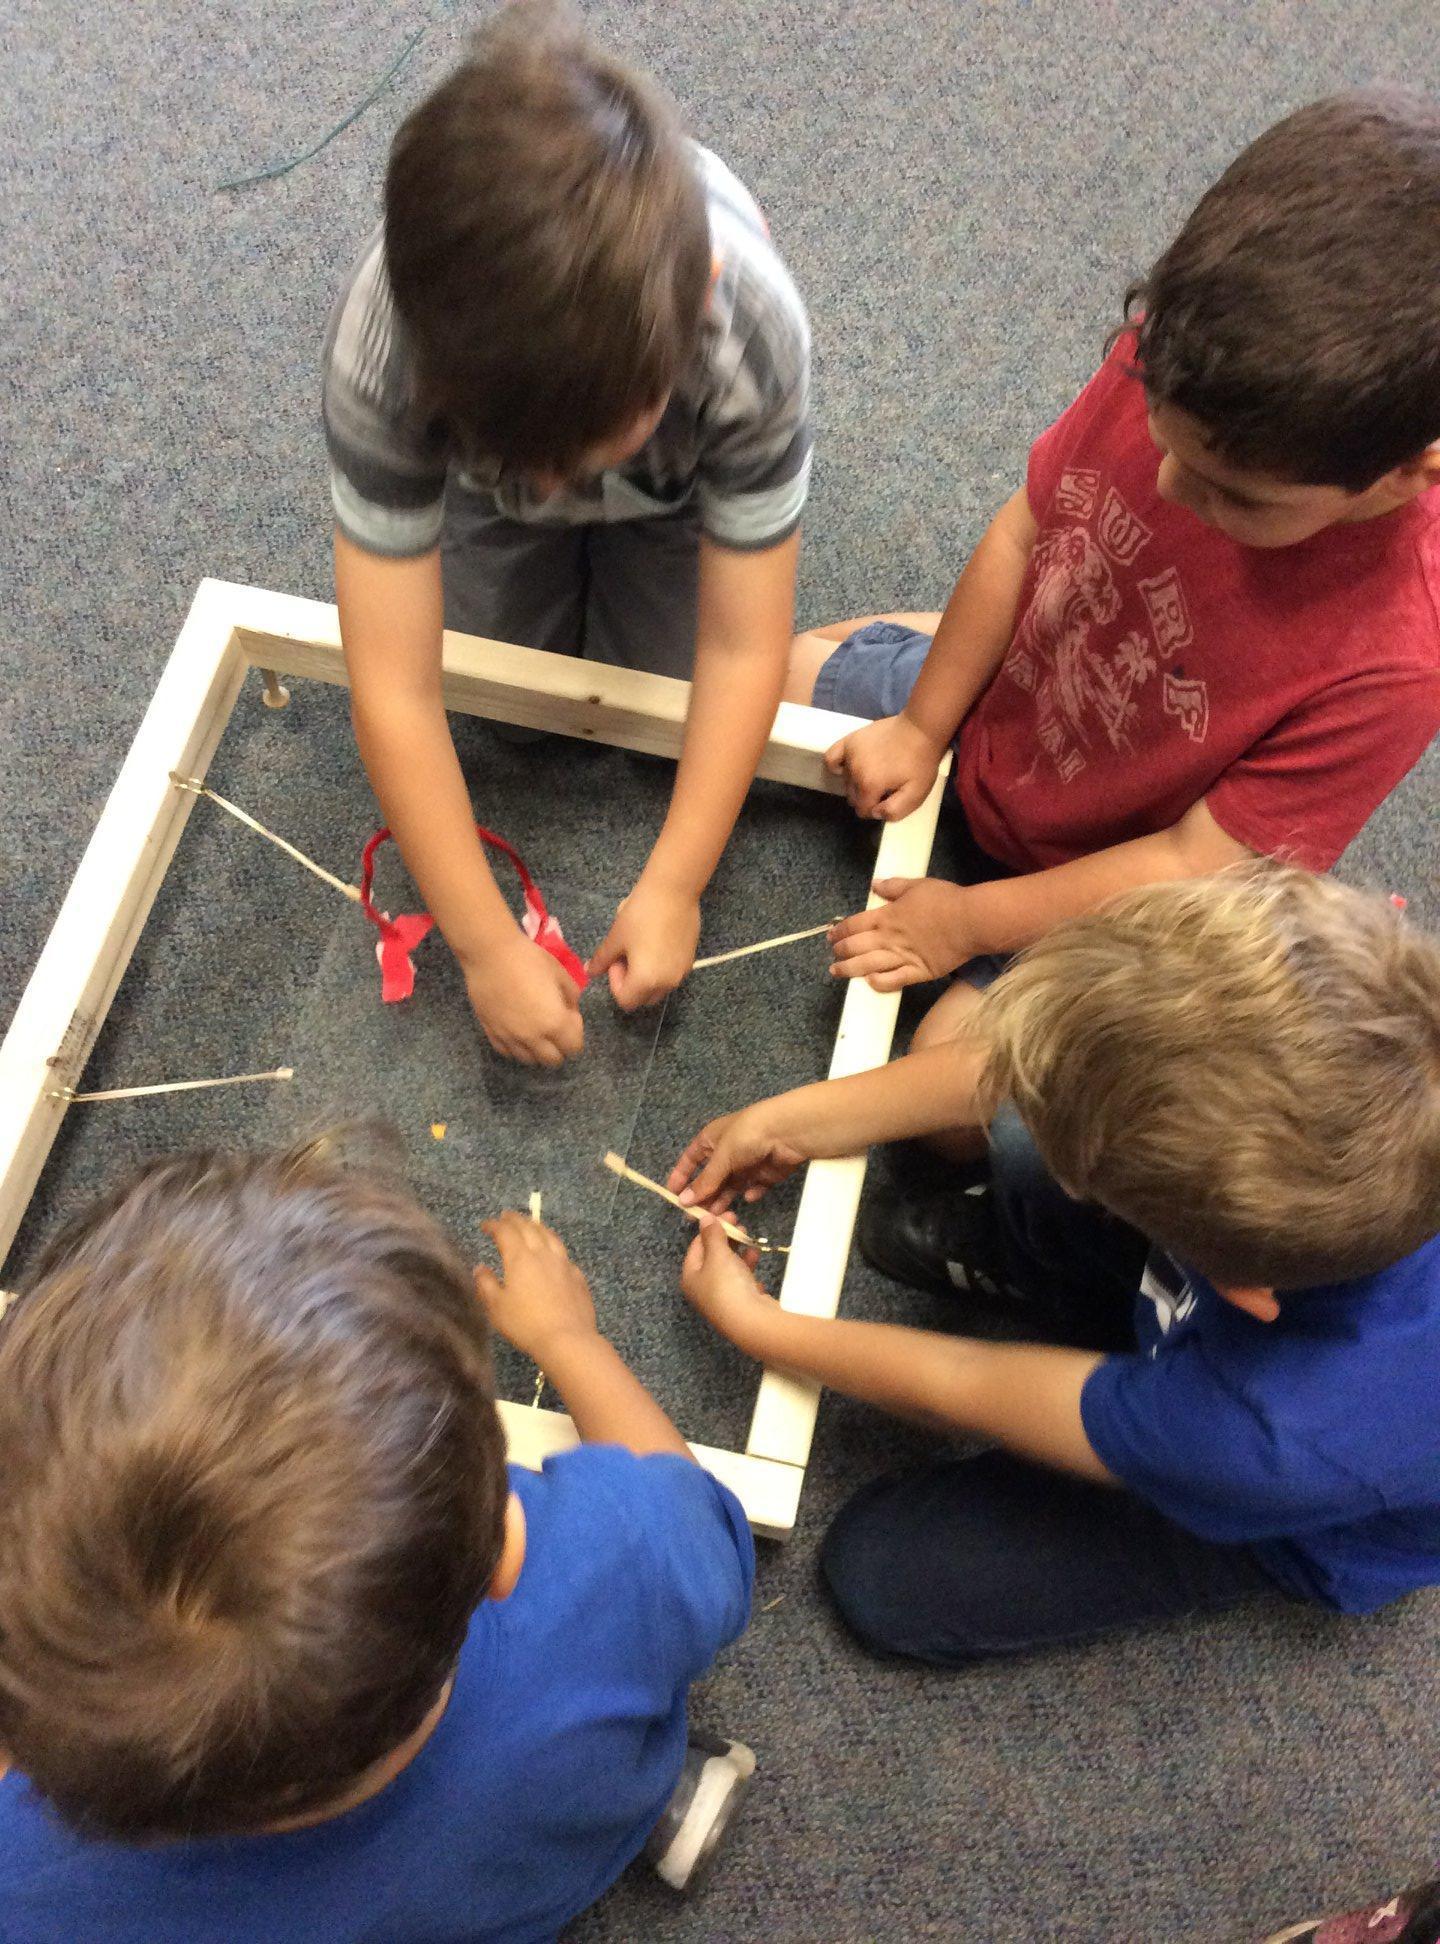 Robotics in elementary school